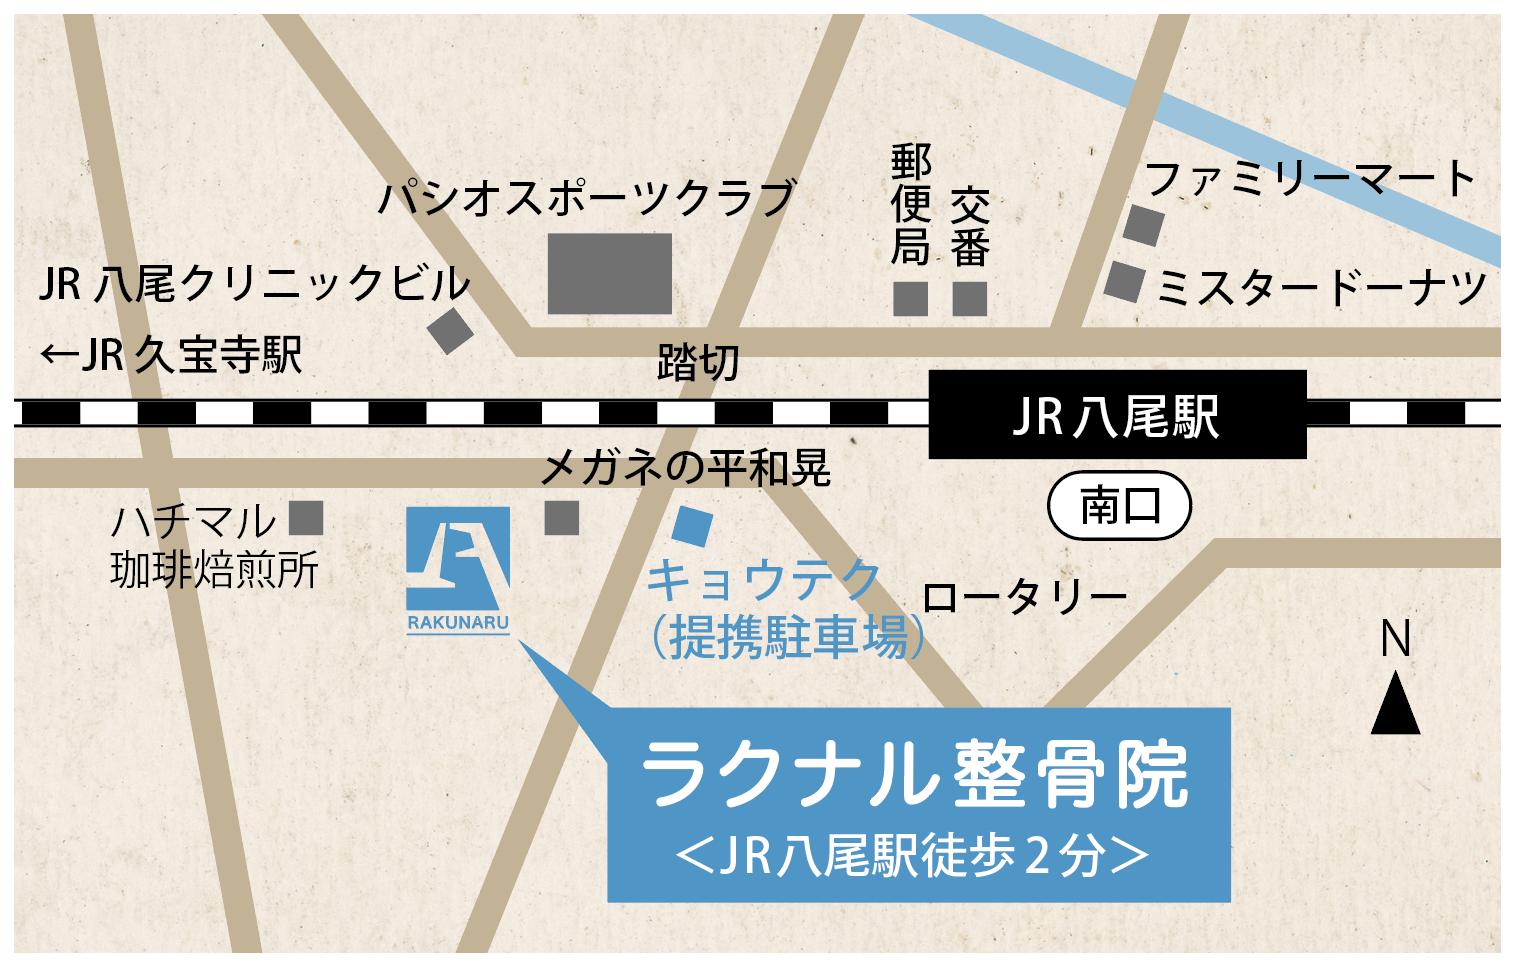 ラクナル整骨院/地図